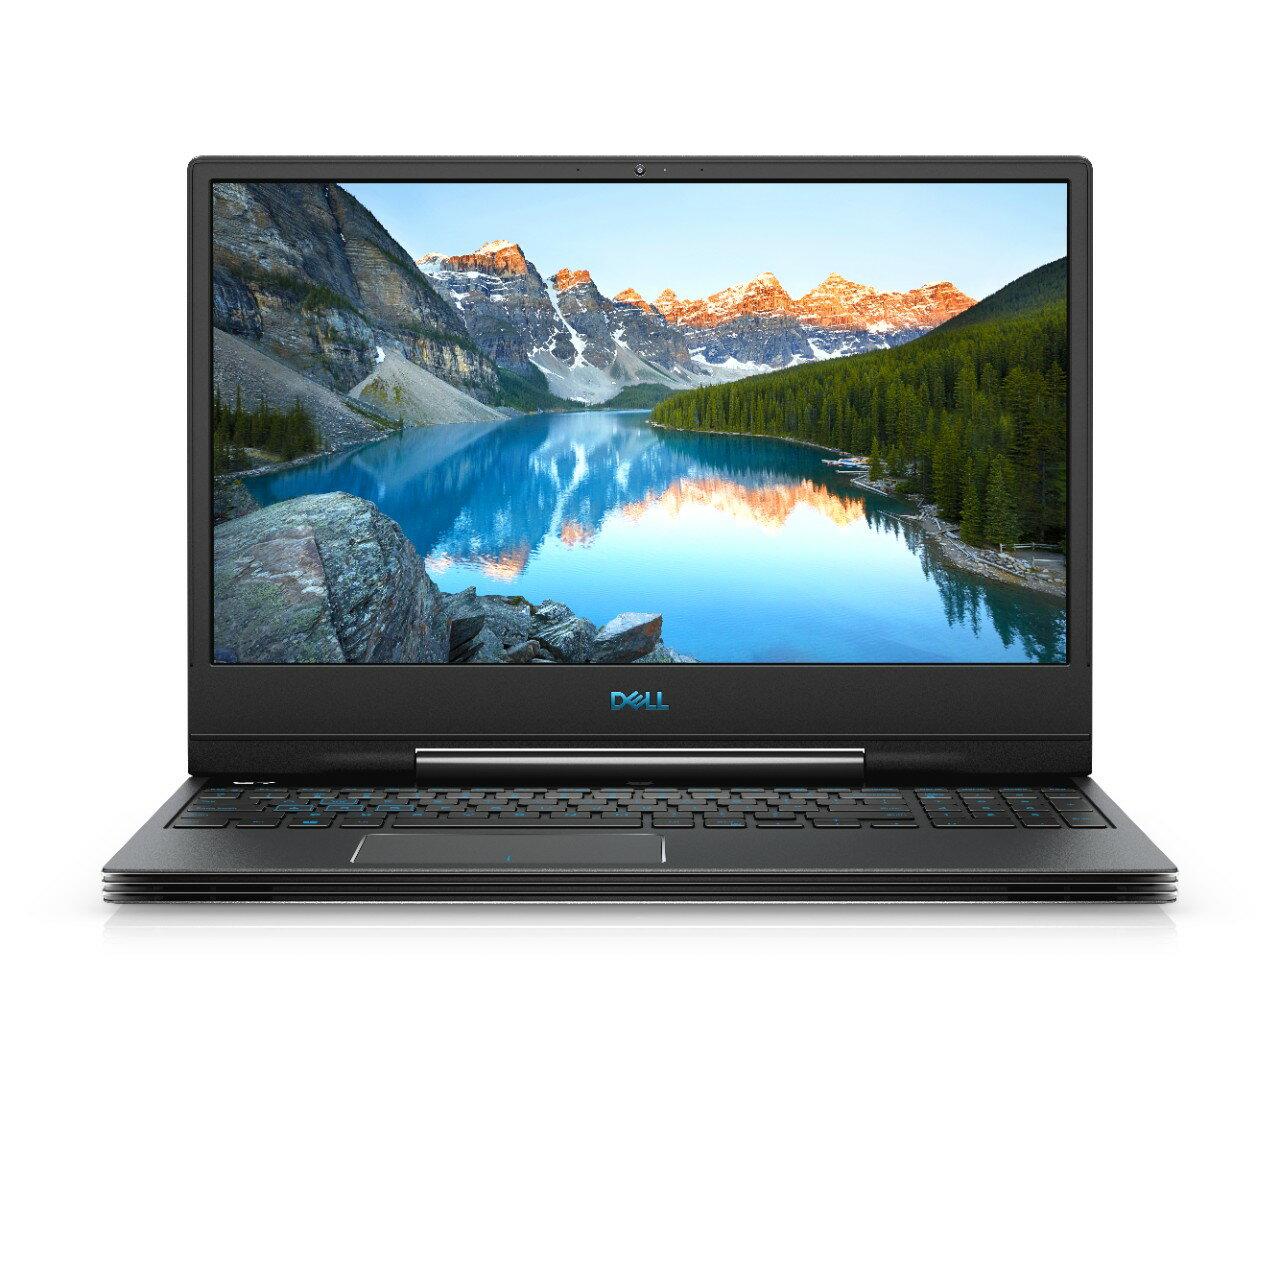 Dell G7 15 15.6